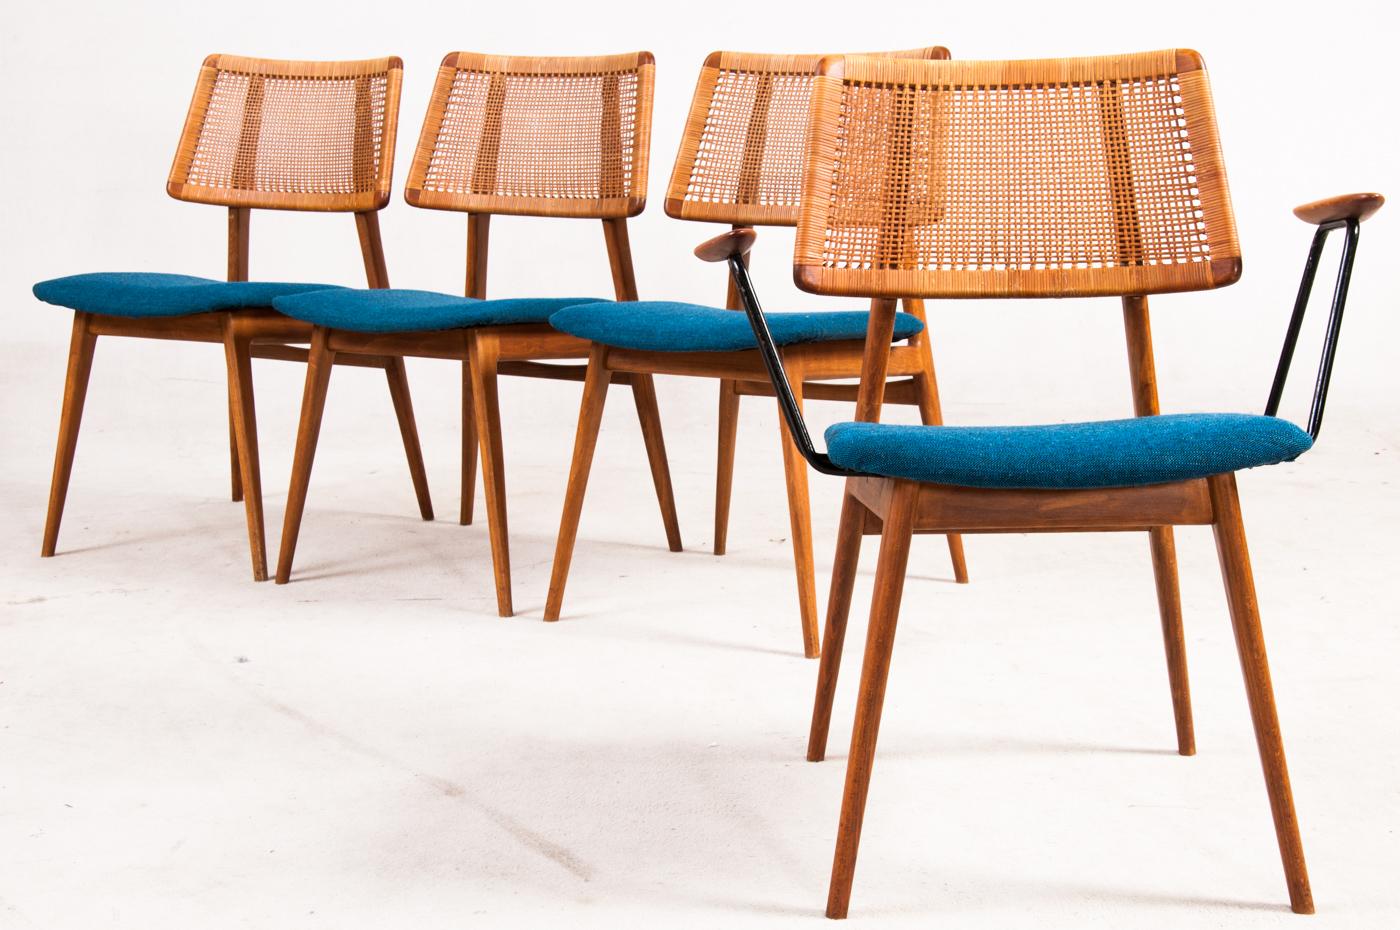 Auktionstipset - 4 Habeo Stühle, davon einmal mit Armlehnen (4)